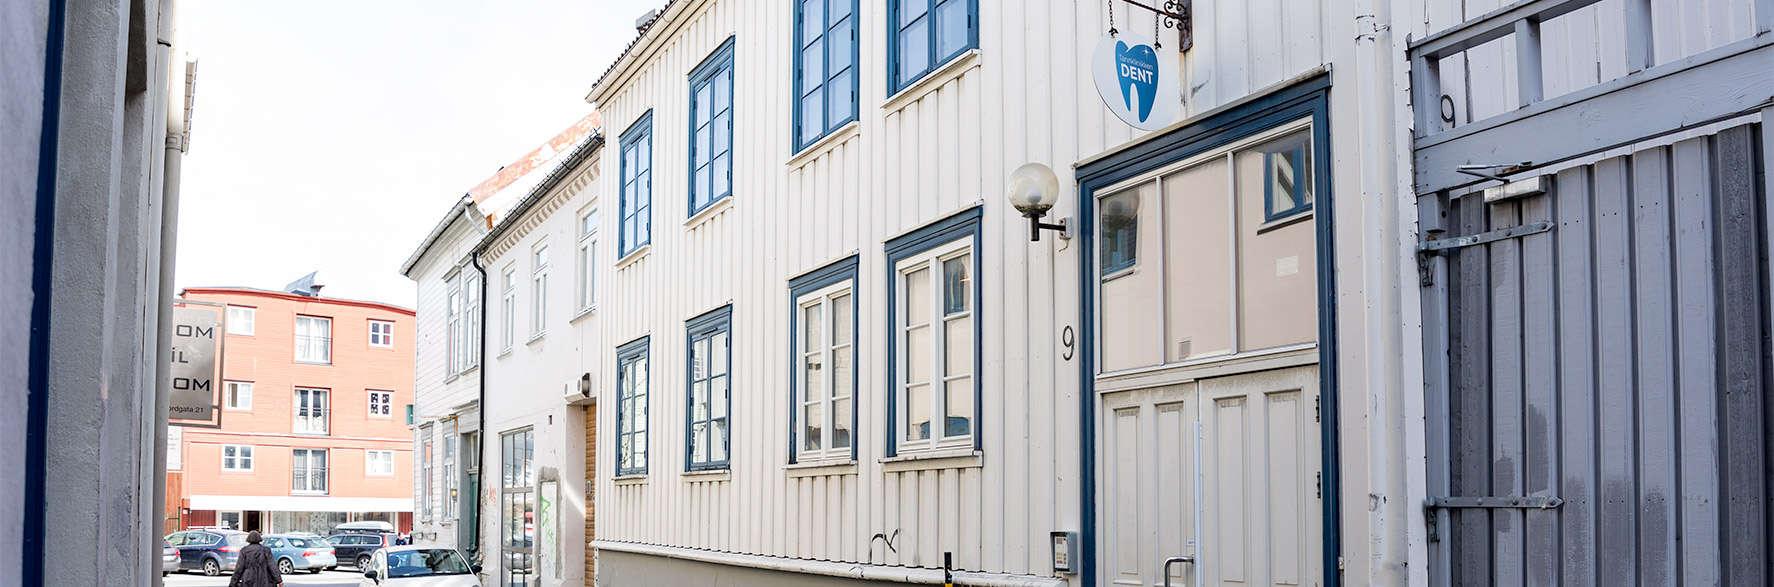 Tannklinikken Dent i Trondheim Sentrum